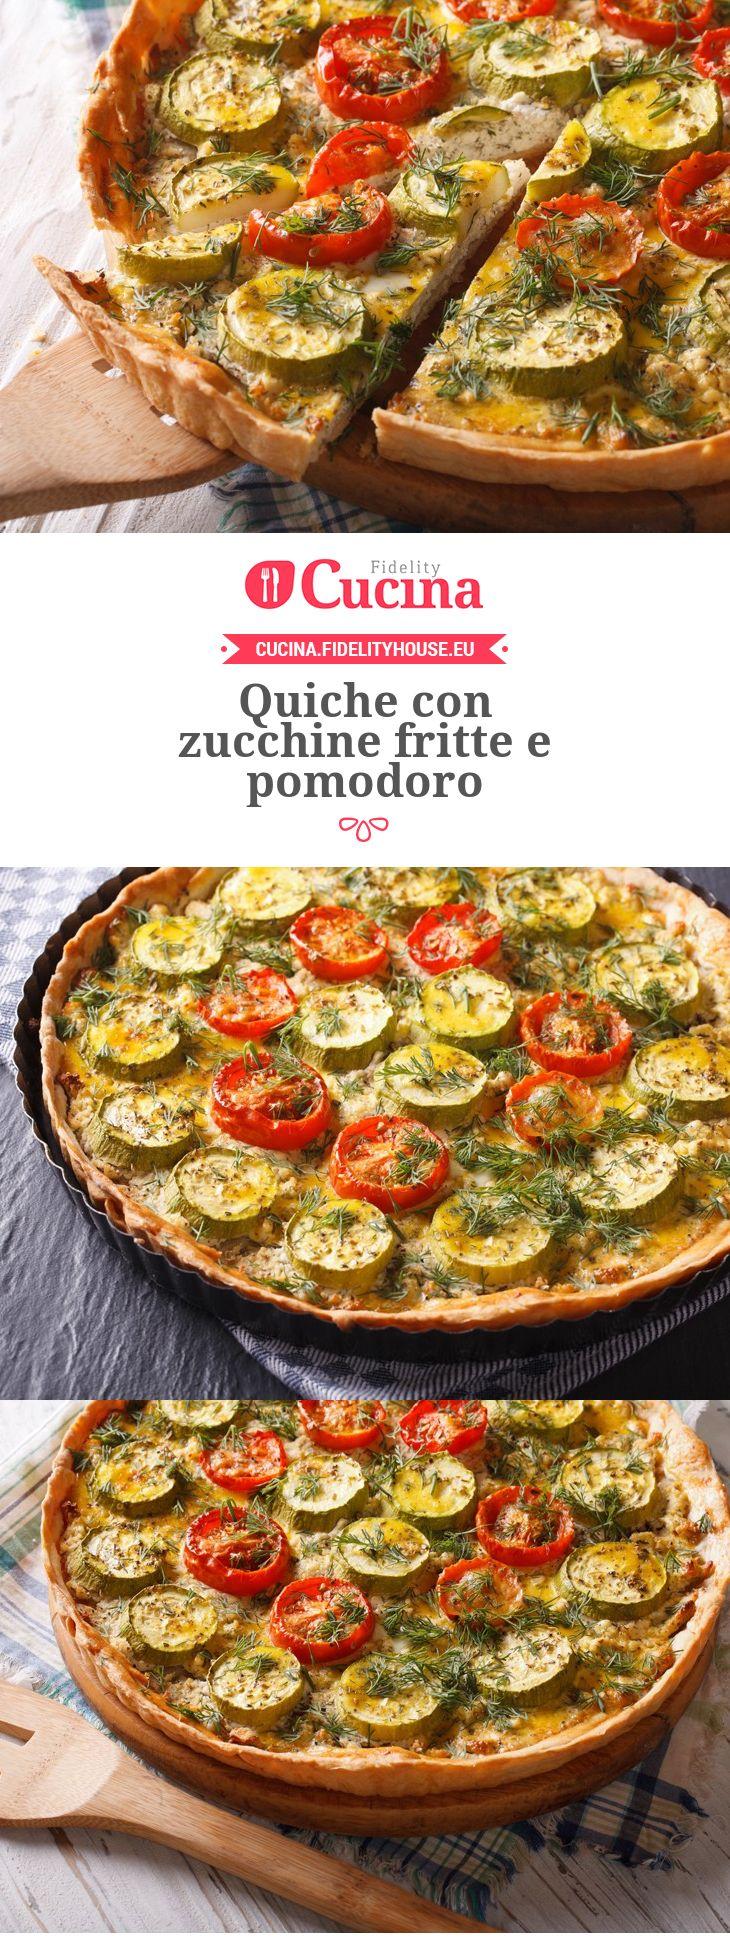 Quiche con zucchine fritte e pomodoro